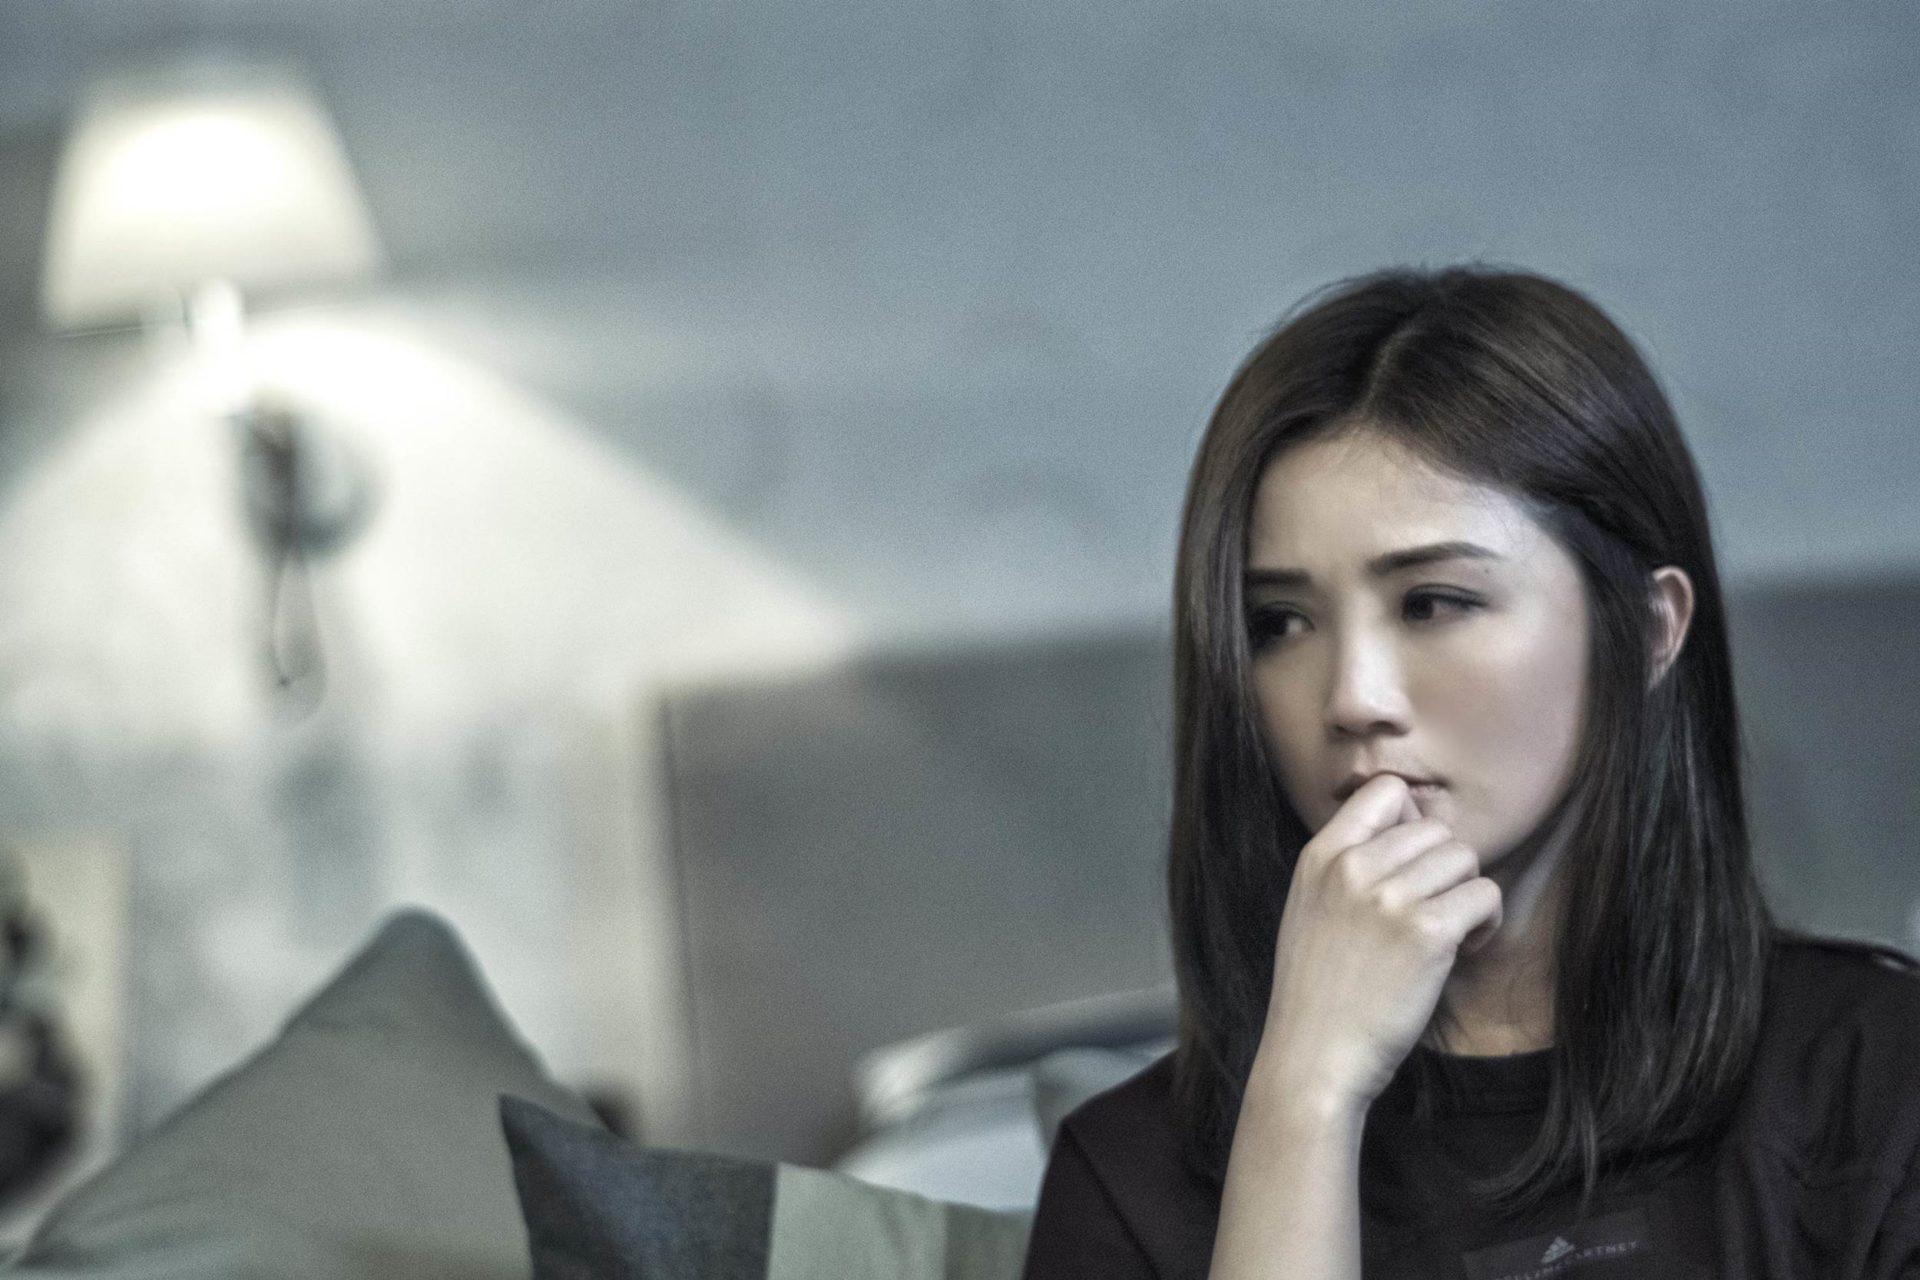 香港懸疑驚悚電影《聖荷西謀殺案》 蔡卓妍大膽飆罵鄭秀文有病